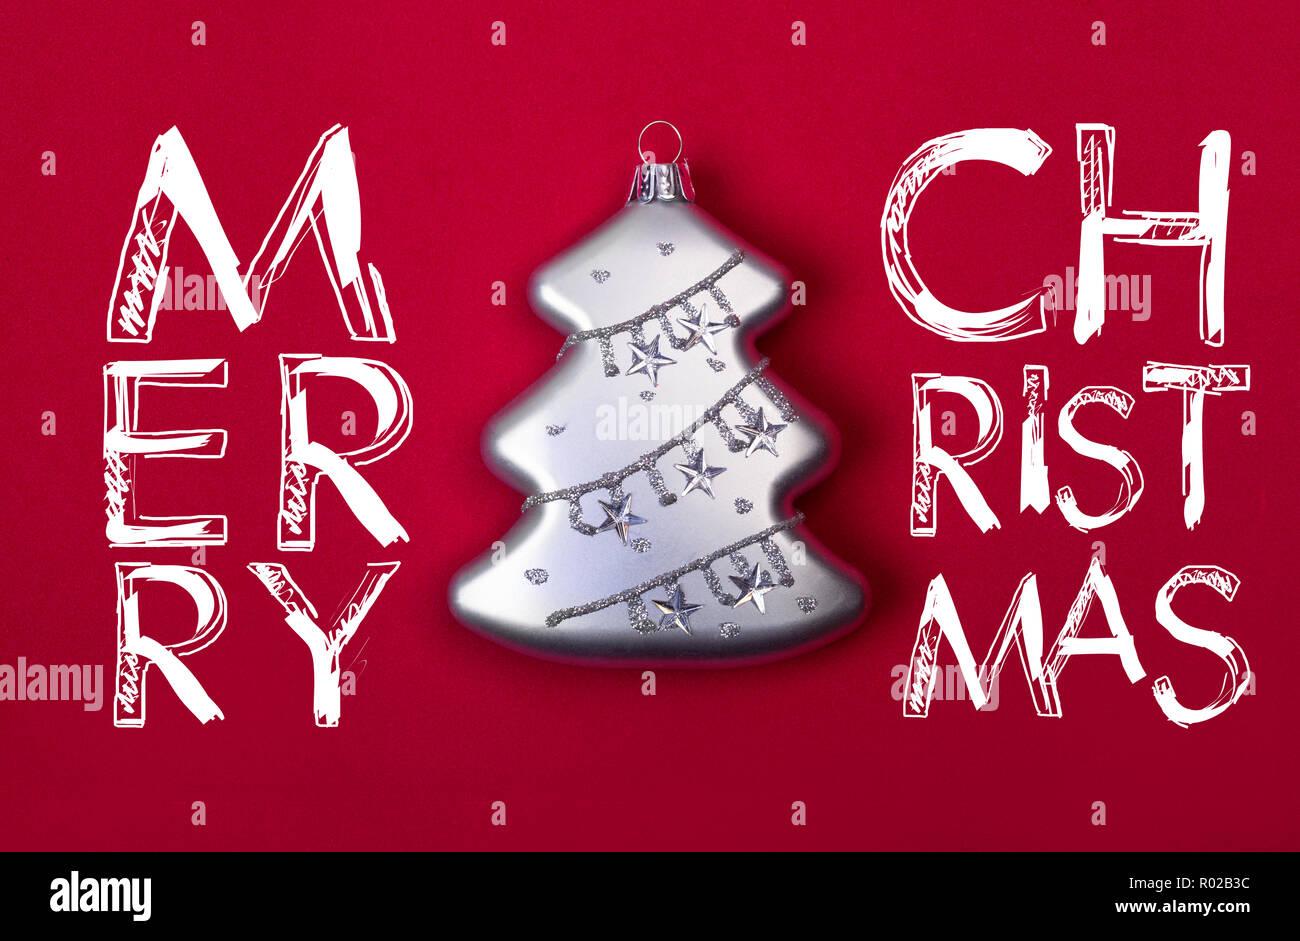 Buon Natale In Inglese.Moderno Biglietto Di Auguri Con Il Desiderio Di Buon Natale In